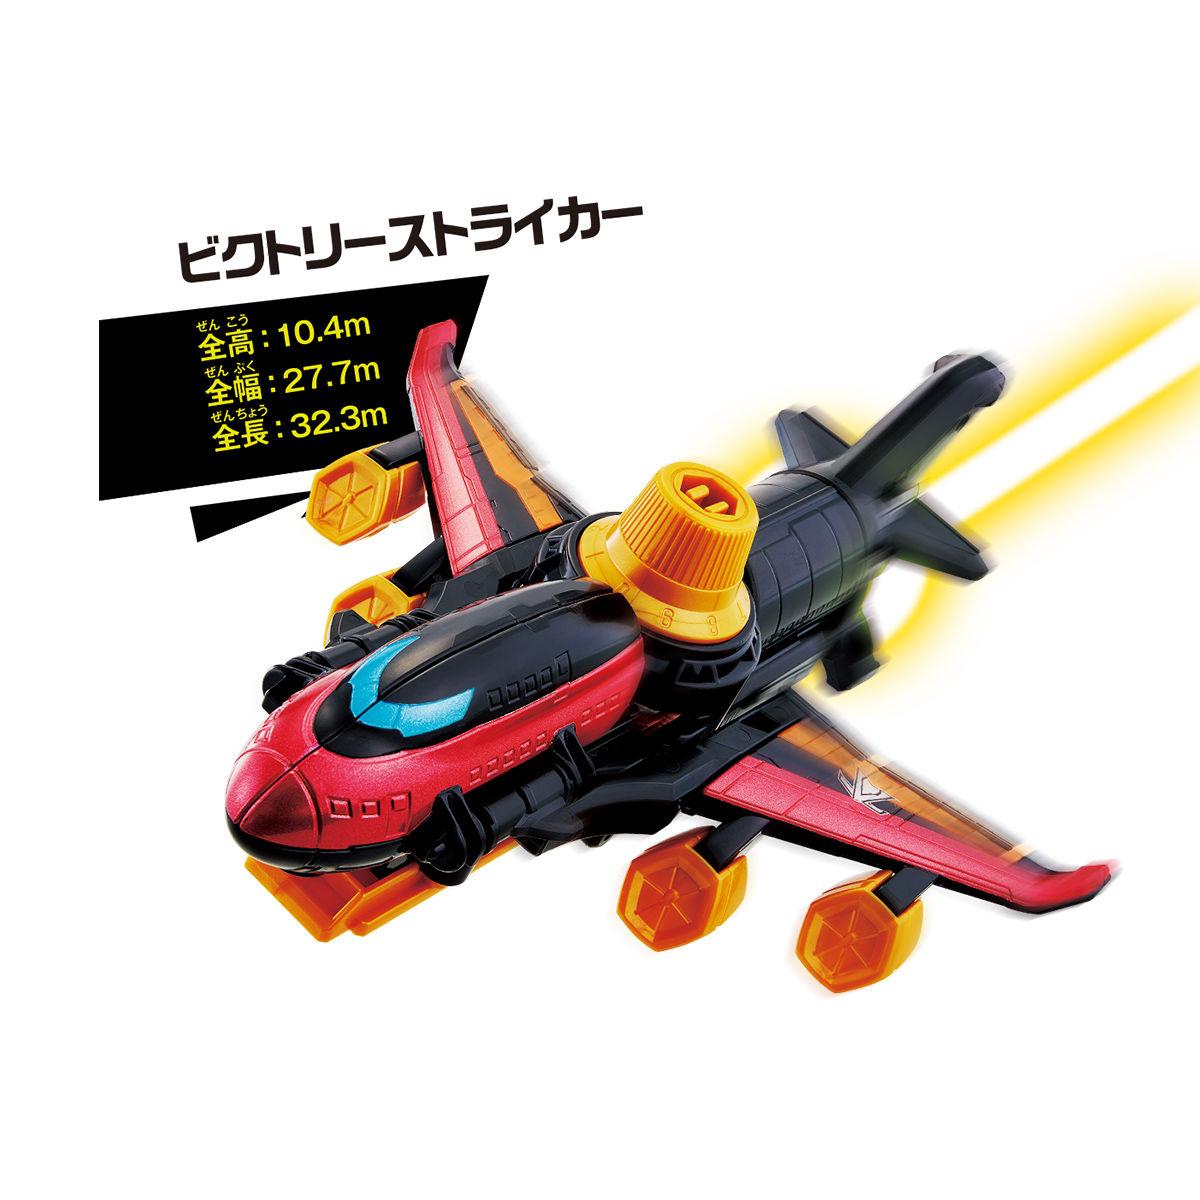 VSビークルシリーズ『DXビクトリーストライカー』快盗戦隊ルパンレンジャーVS警察戦隊パトレンジャー 可変フィギュア-002